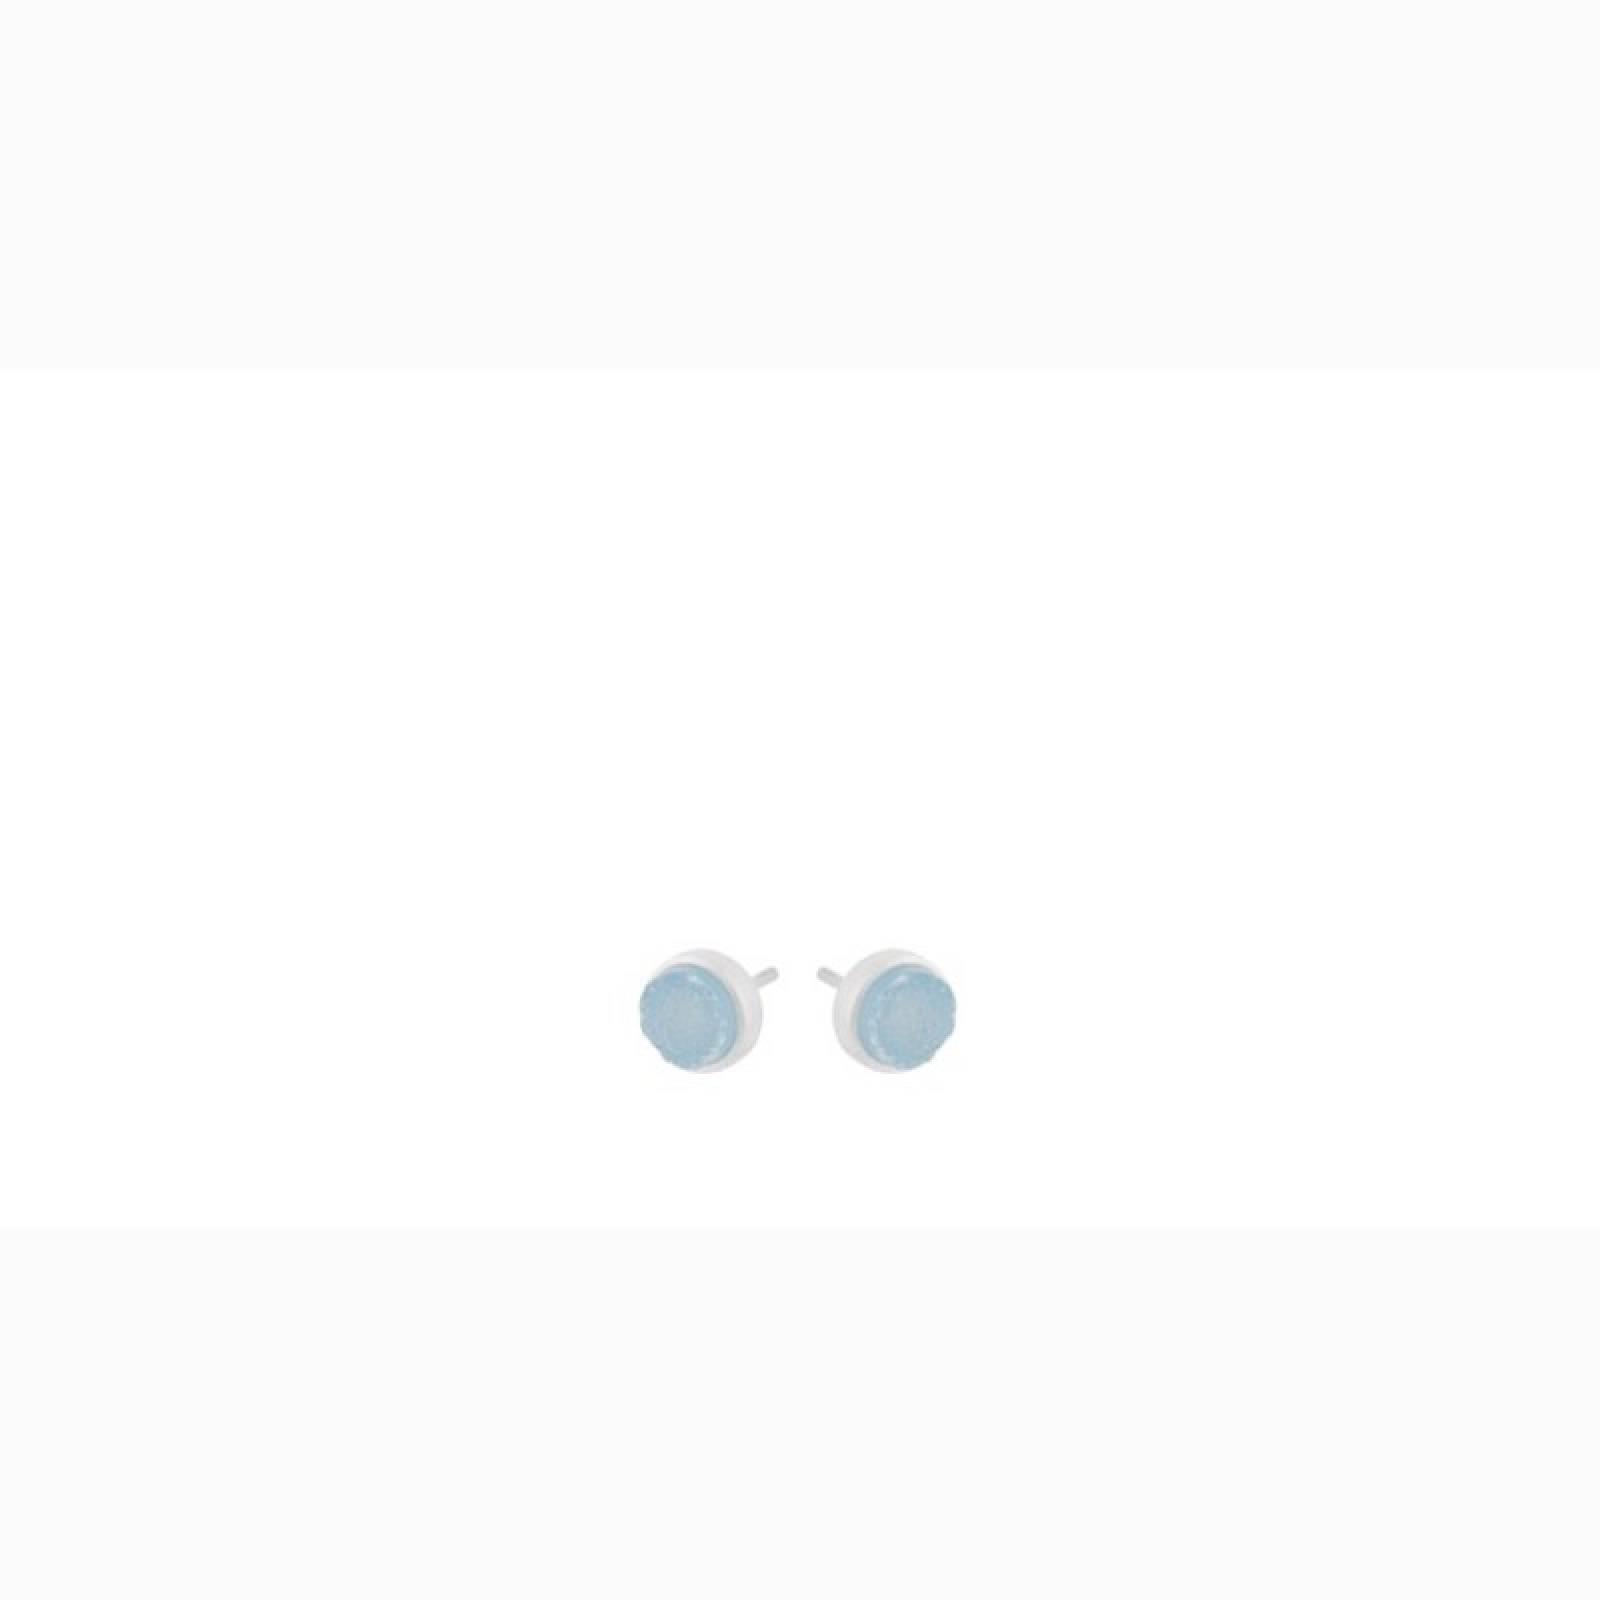 Blue Druzy Stud Earrings In Silver By Pernille Corydon